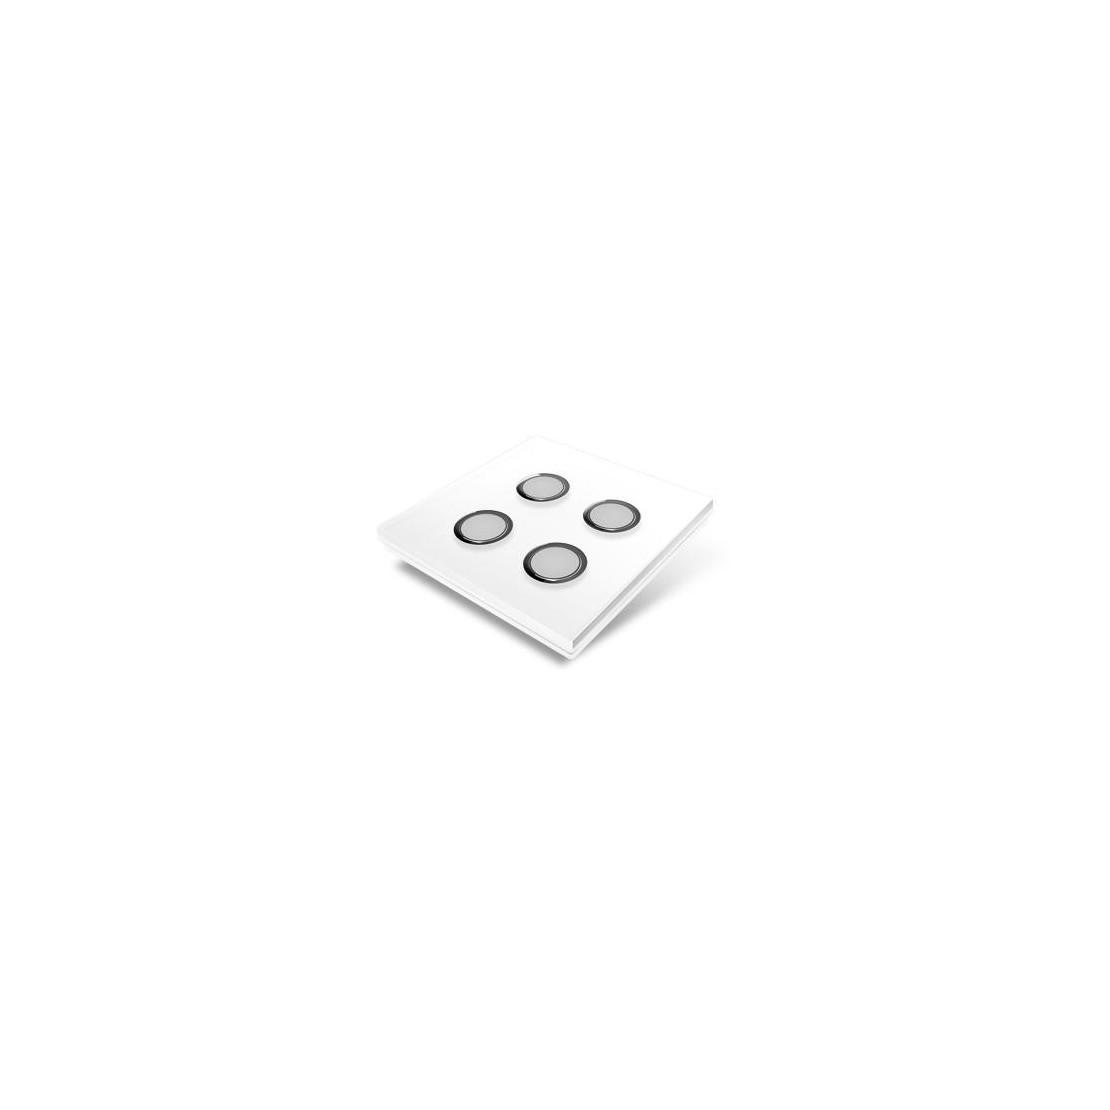 Tampa de cobertura para interruptor Edisio - plástico branco